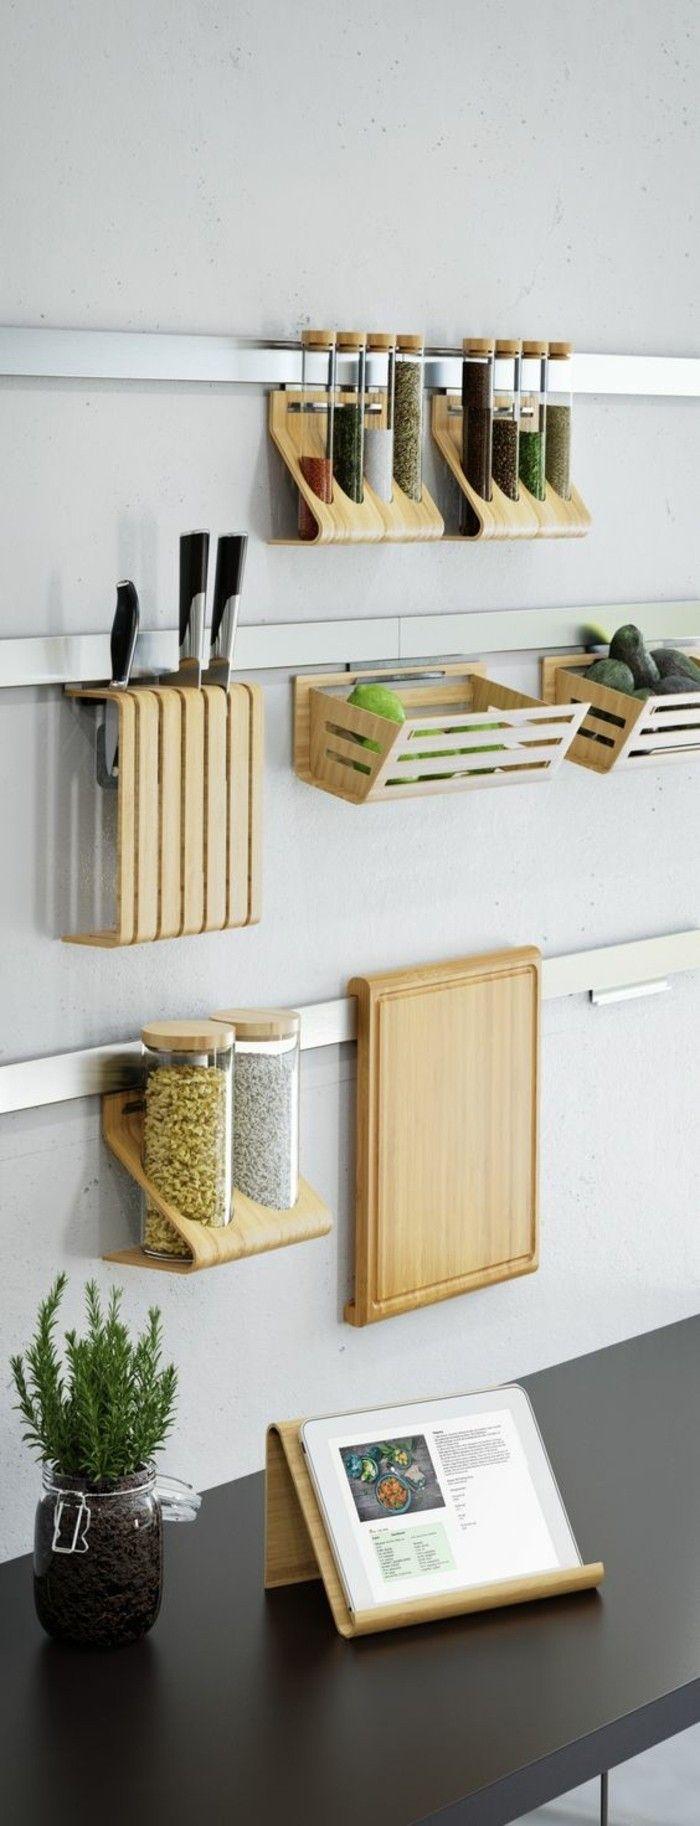 Le rangement mural, comment organiser bien la cuisine?  Rangement